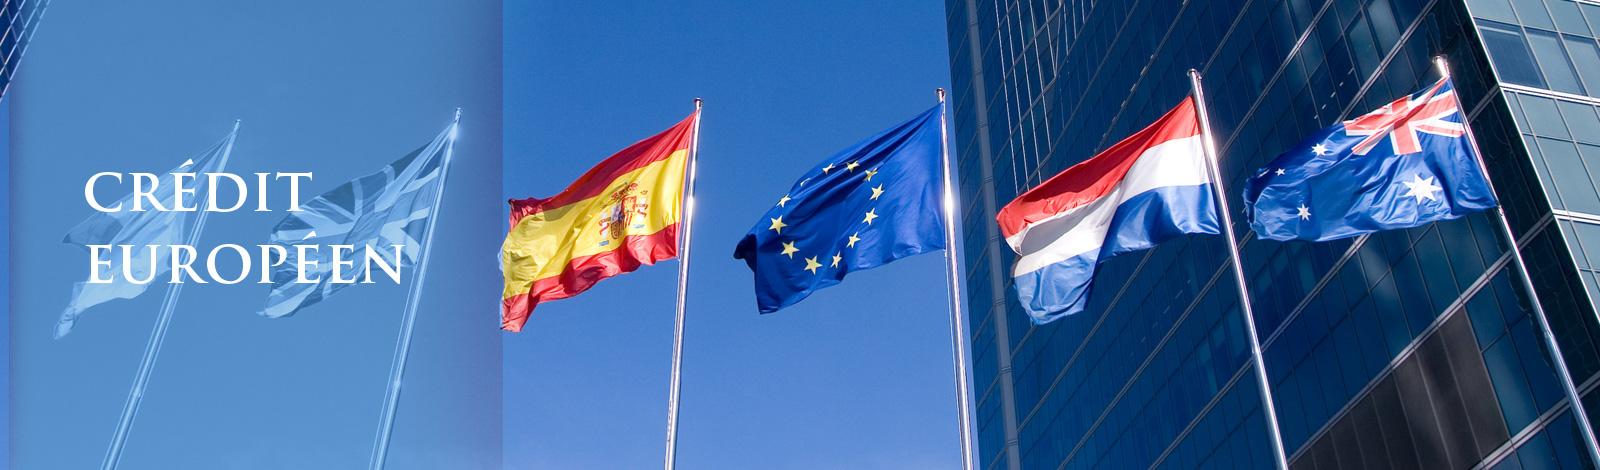 Crédit Européen qui somme nous